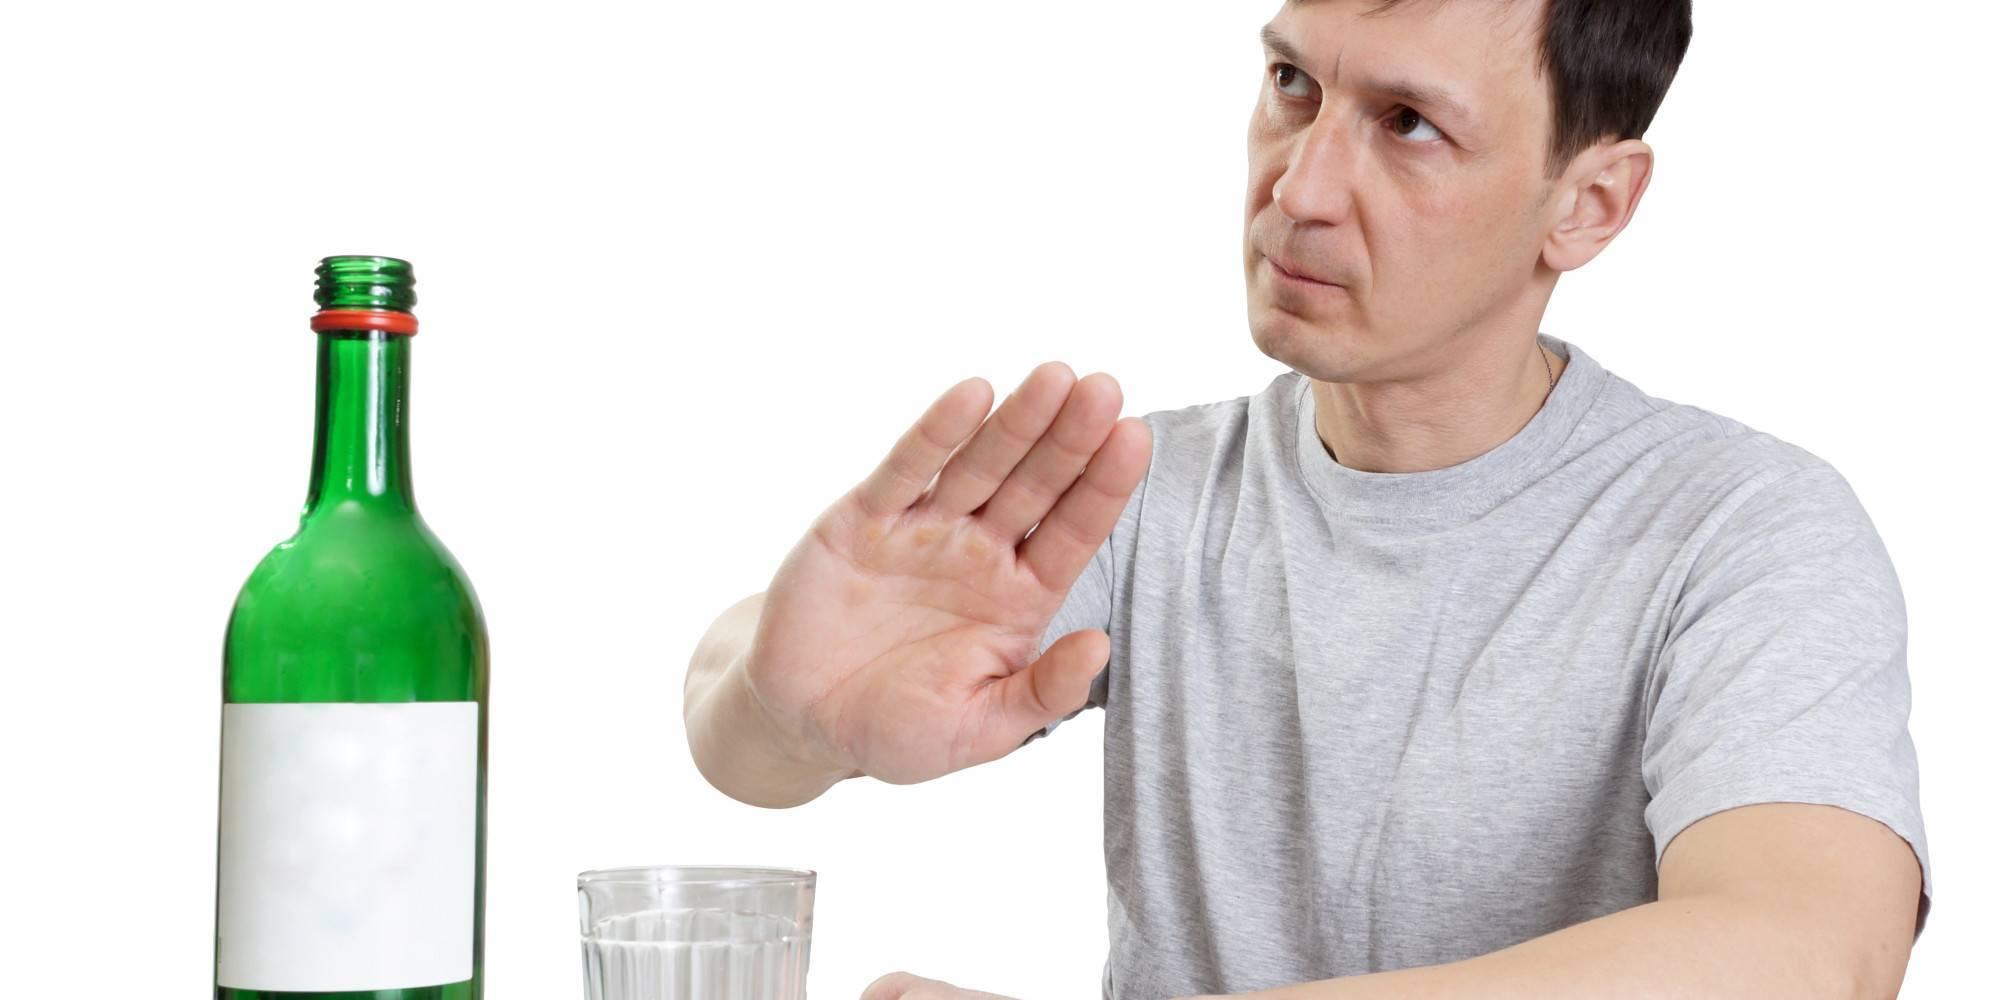 Пьющий отец в семье, что делать: советы психолога : labuda.blog пьющий отец в семье, что делать: советы психолога — «лабуда» информационно-развлекательный интернет журнал